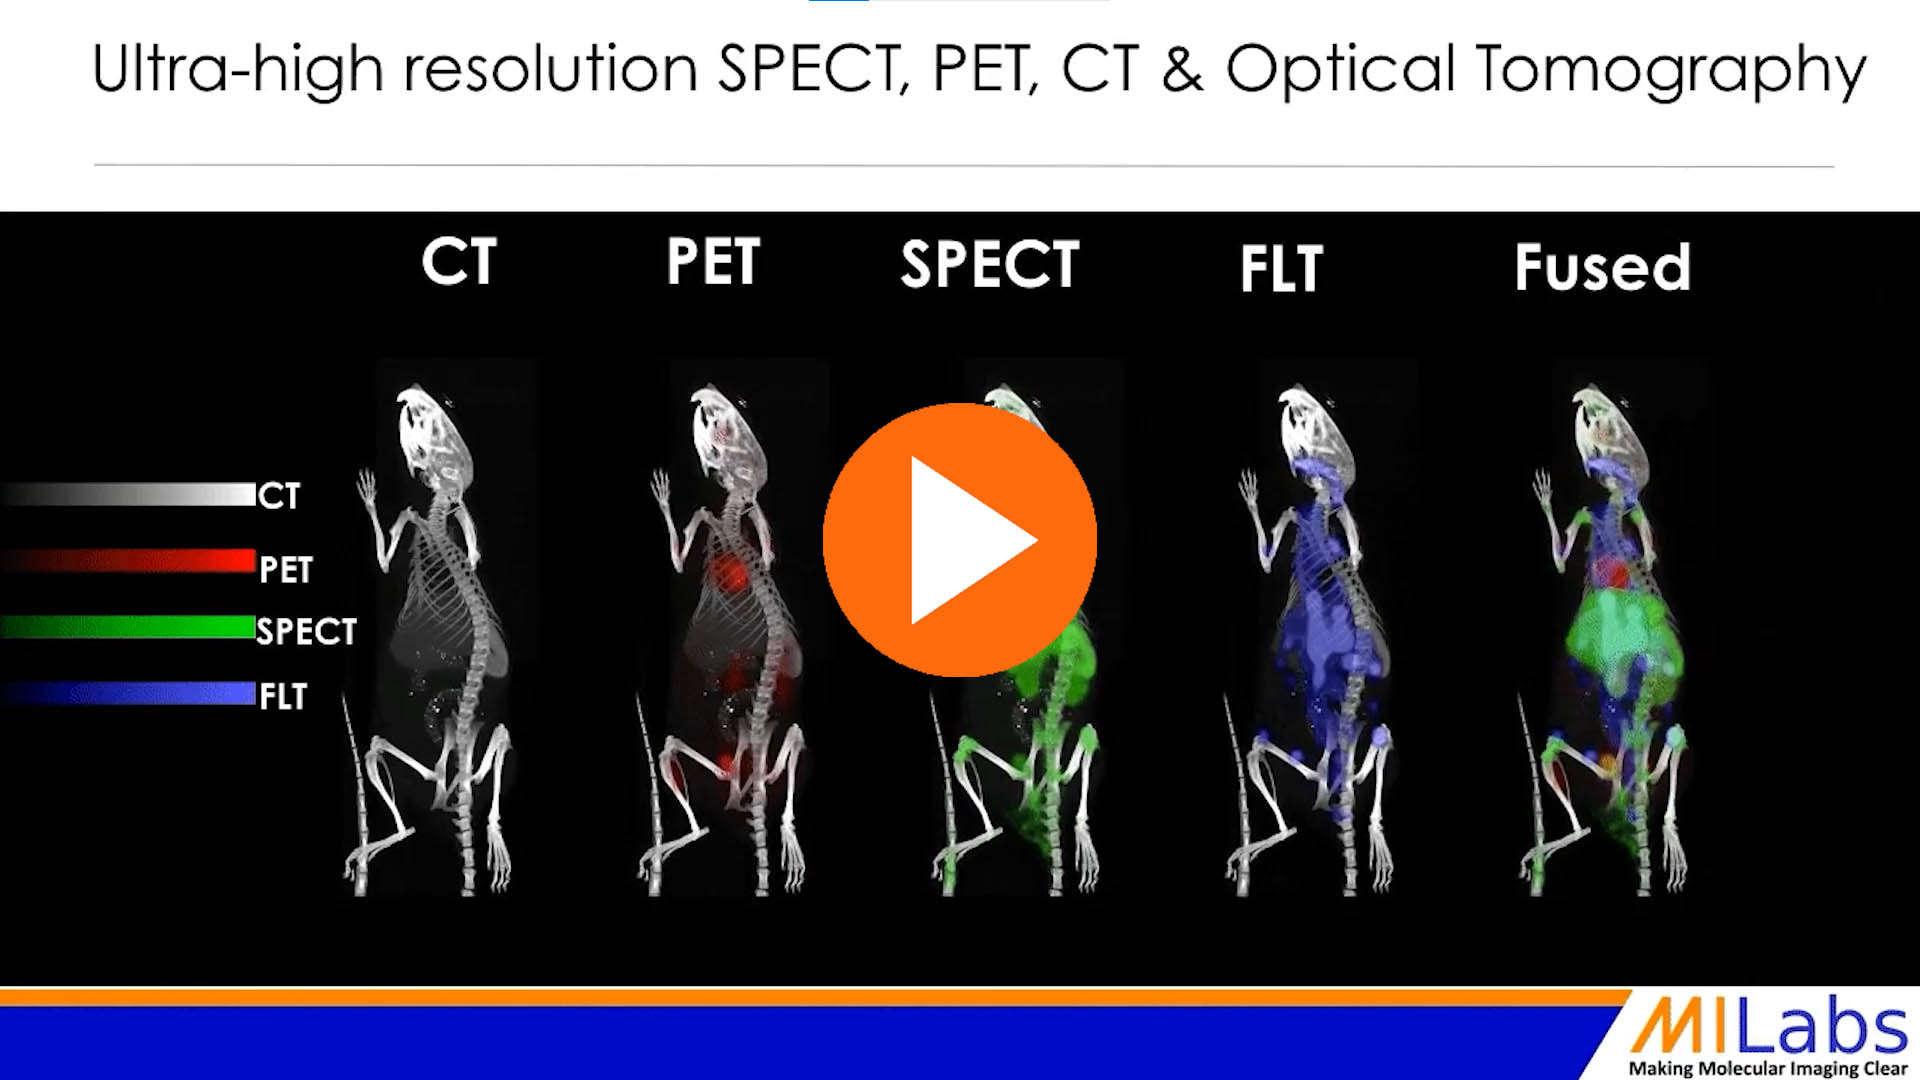 high resolution microSPECT-PreclinicalPET-microCT-fluorescence imaging